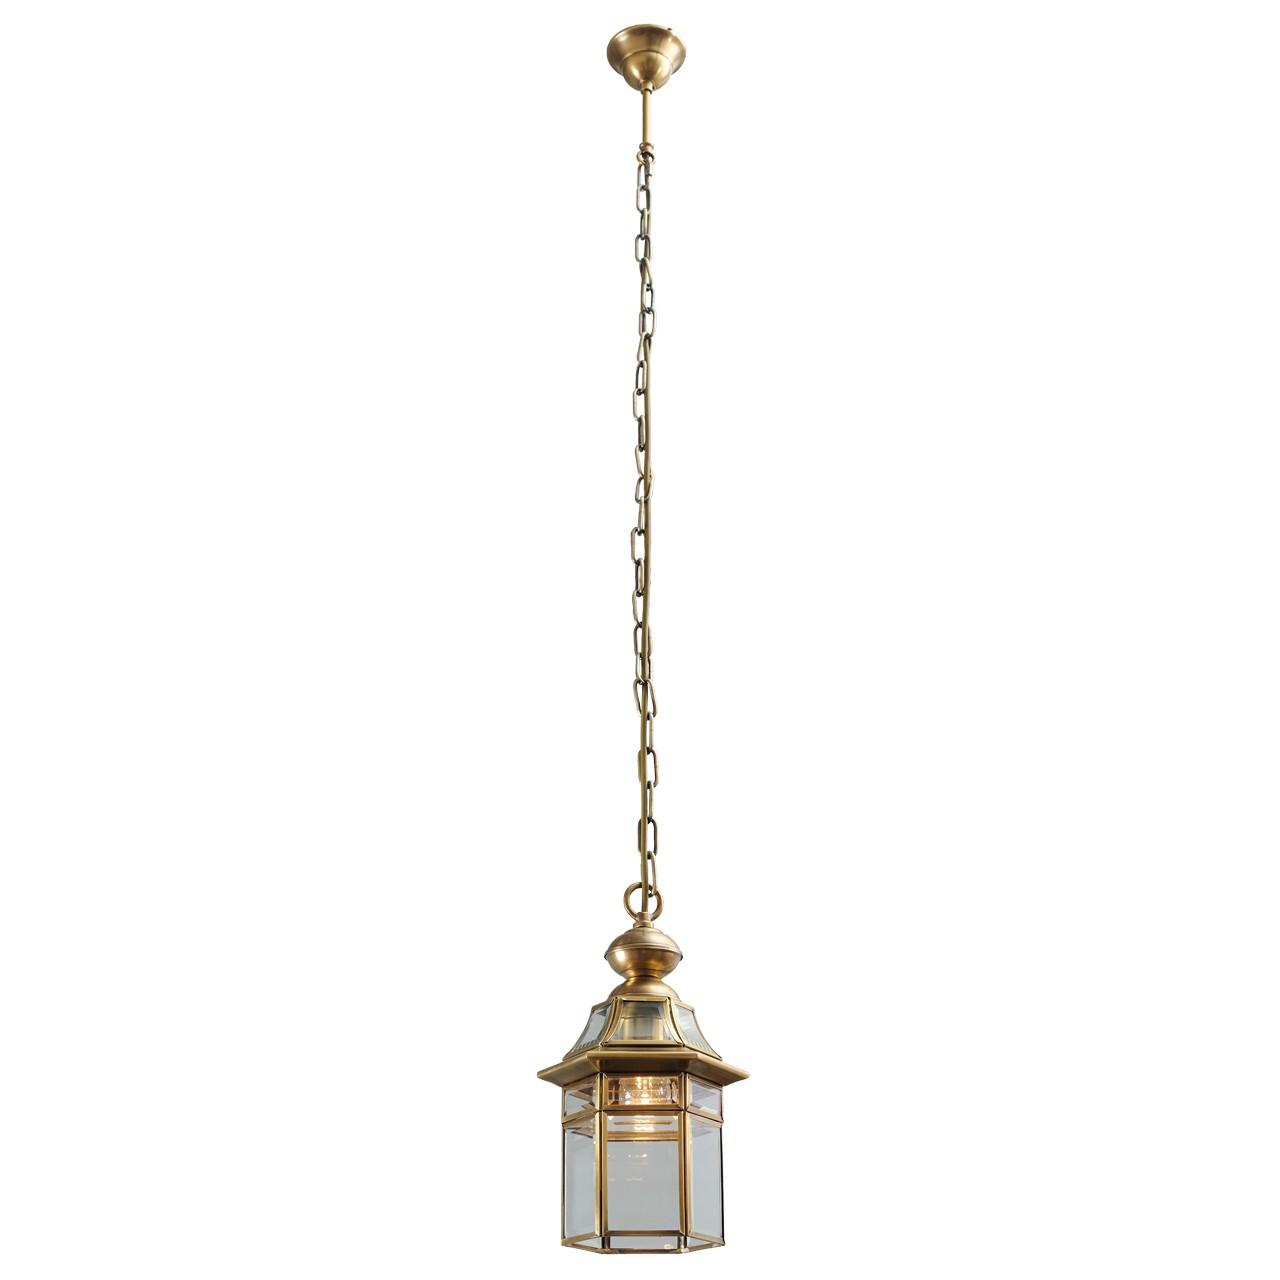 Уличный светильник МидосУличные подвесные и потолочные светильники<br>&amp;lt;div&amp;gt;Воплощение стильной идеи освещения в качественном и роскошном обрамлении! Коллекция Мидос достойна особого внимания благодаря латуни, из которой изготовлены основания ярко сияющих светильников. Кристально прозрачное стекло в плафонах имеет фигурное обрамление, которое эффектно бликует на свету. Светильники из коллекции Мидос довершат стильный экстерьер частного дома и расставят &amp;amp;nbsp;акценты в окружающей ландшафтной обстановке.&amp;lt;/div&amp;gt;&amp;lt;div&amp;gt;Основание из латуни, плафоны из стекла.&amp;lt;/div&amp;gt;&amp;lt;div&amp;gt;&amp;lt;br&amp;gt;&amp;lt;/div&amp;gt;&amp;lt;div&amp;gt;Мощность 1*60W&amp;lt;/div&amp;gt;&amp;lt;div&amp;gt;Цоколь E27&amp;lt;/div&amp;gt;&amp;lt;div&amp;gt;&amp;lt;br&amp;gt;&amp;lt;/div&amp;gt;<br><br>Material: Латунь<br>Height см: 108<br>Diameter см: 17